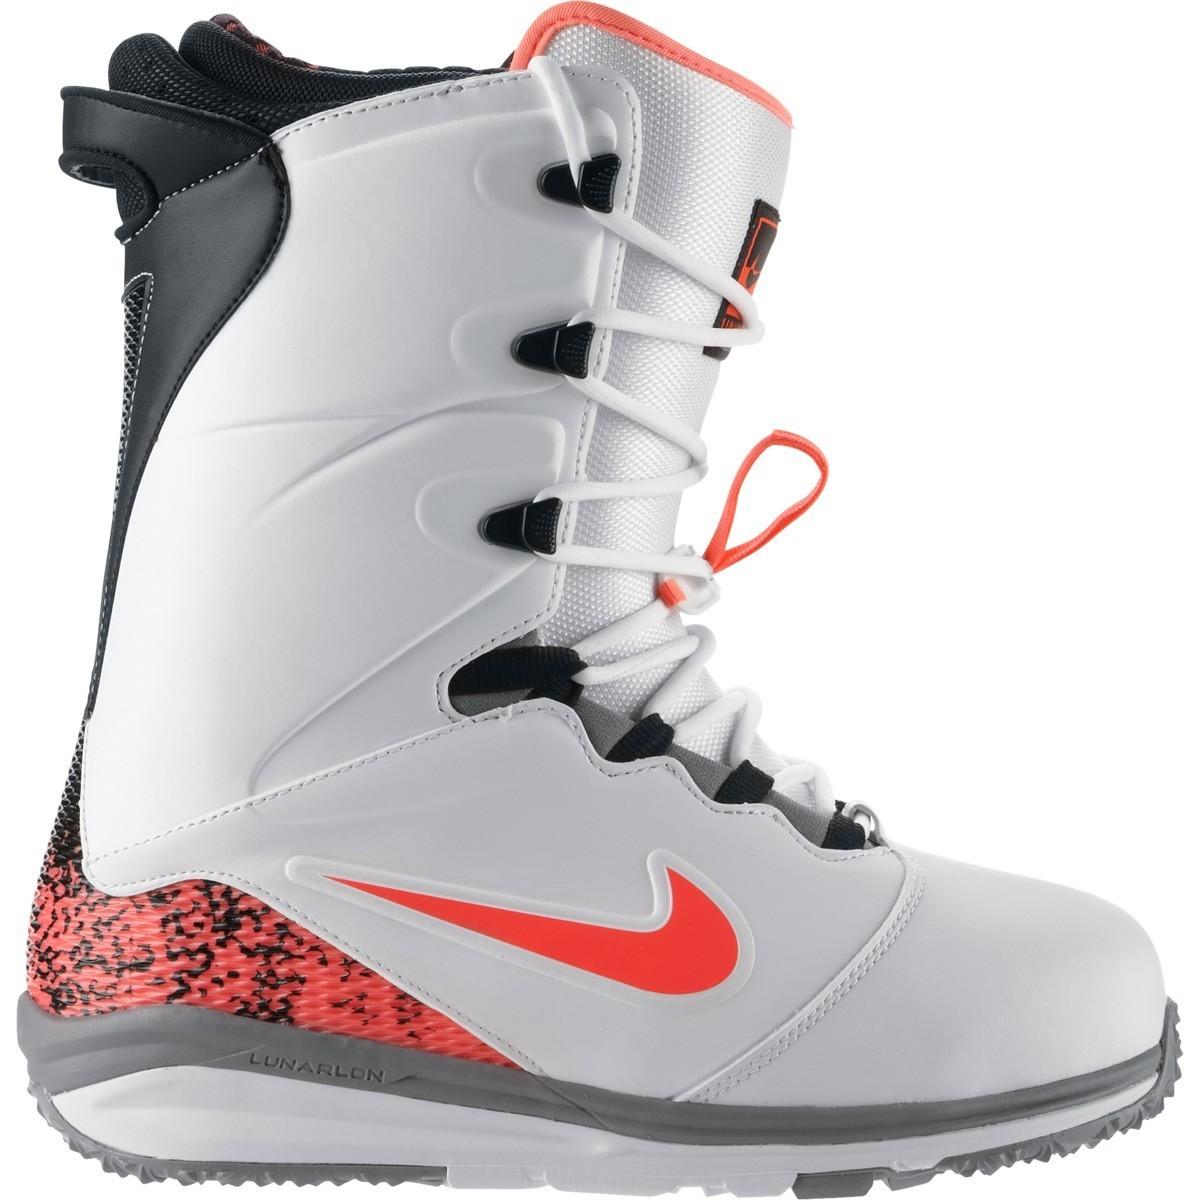 122f99d1 Ботинки для сноуборда NIKE LUNARENDOR FW14 купить в Москве,  Санкт-Петербурге. Ботинки для сноуборда NIKE LUNARENDOR FW14 цена, отзывы,  скидки в магазине ...